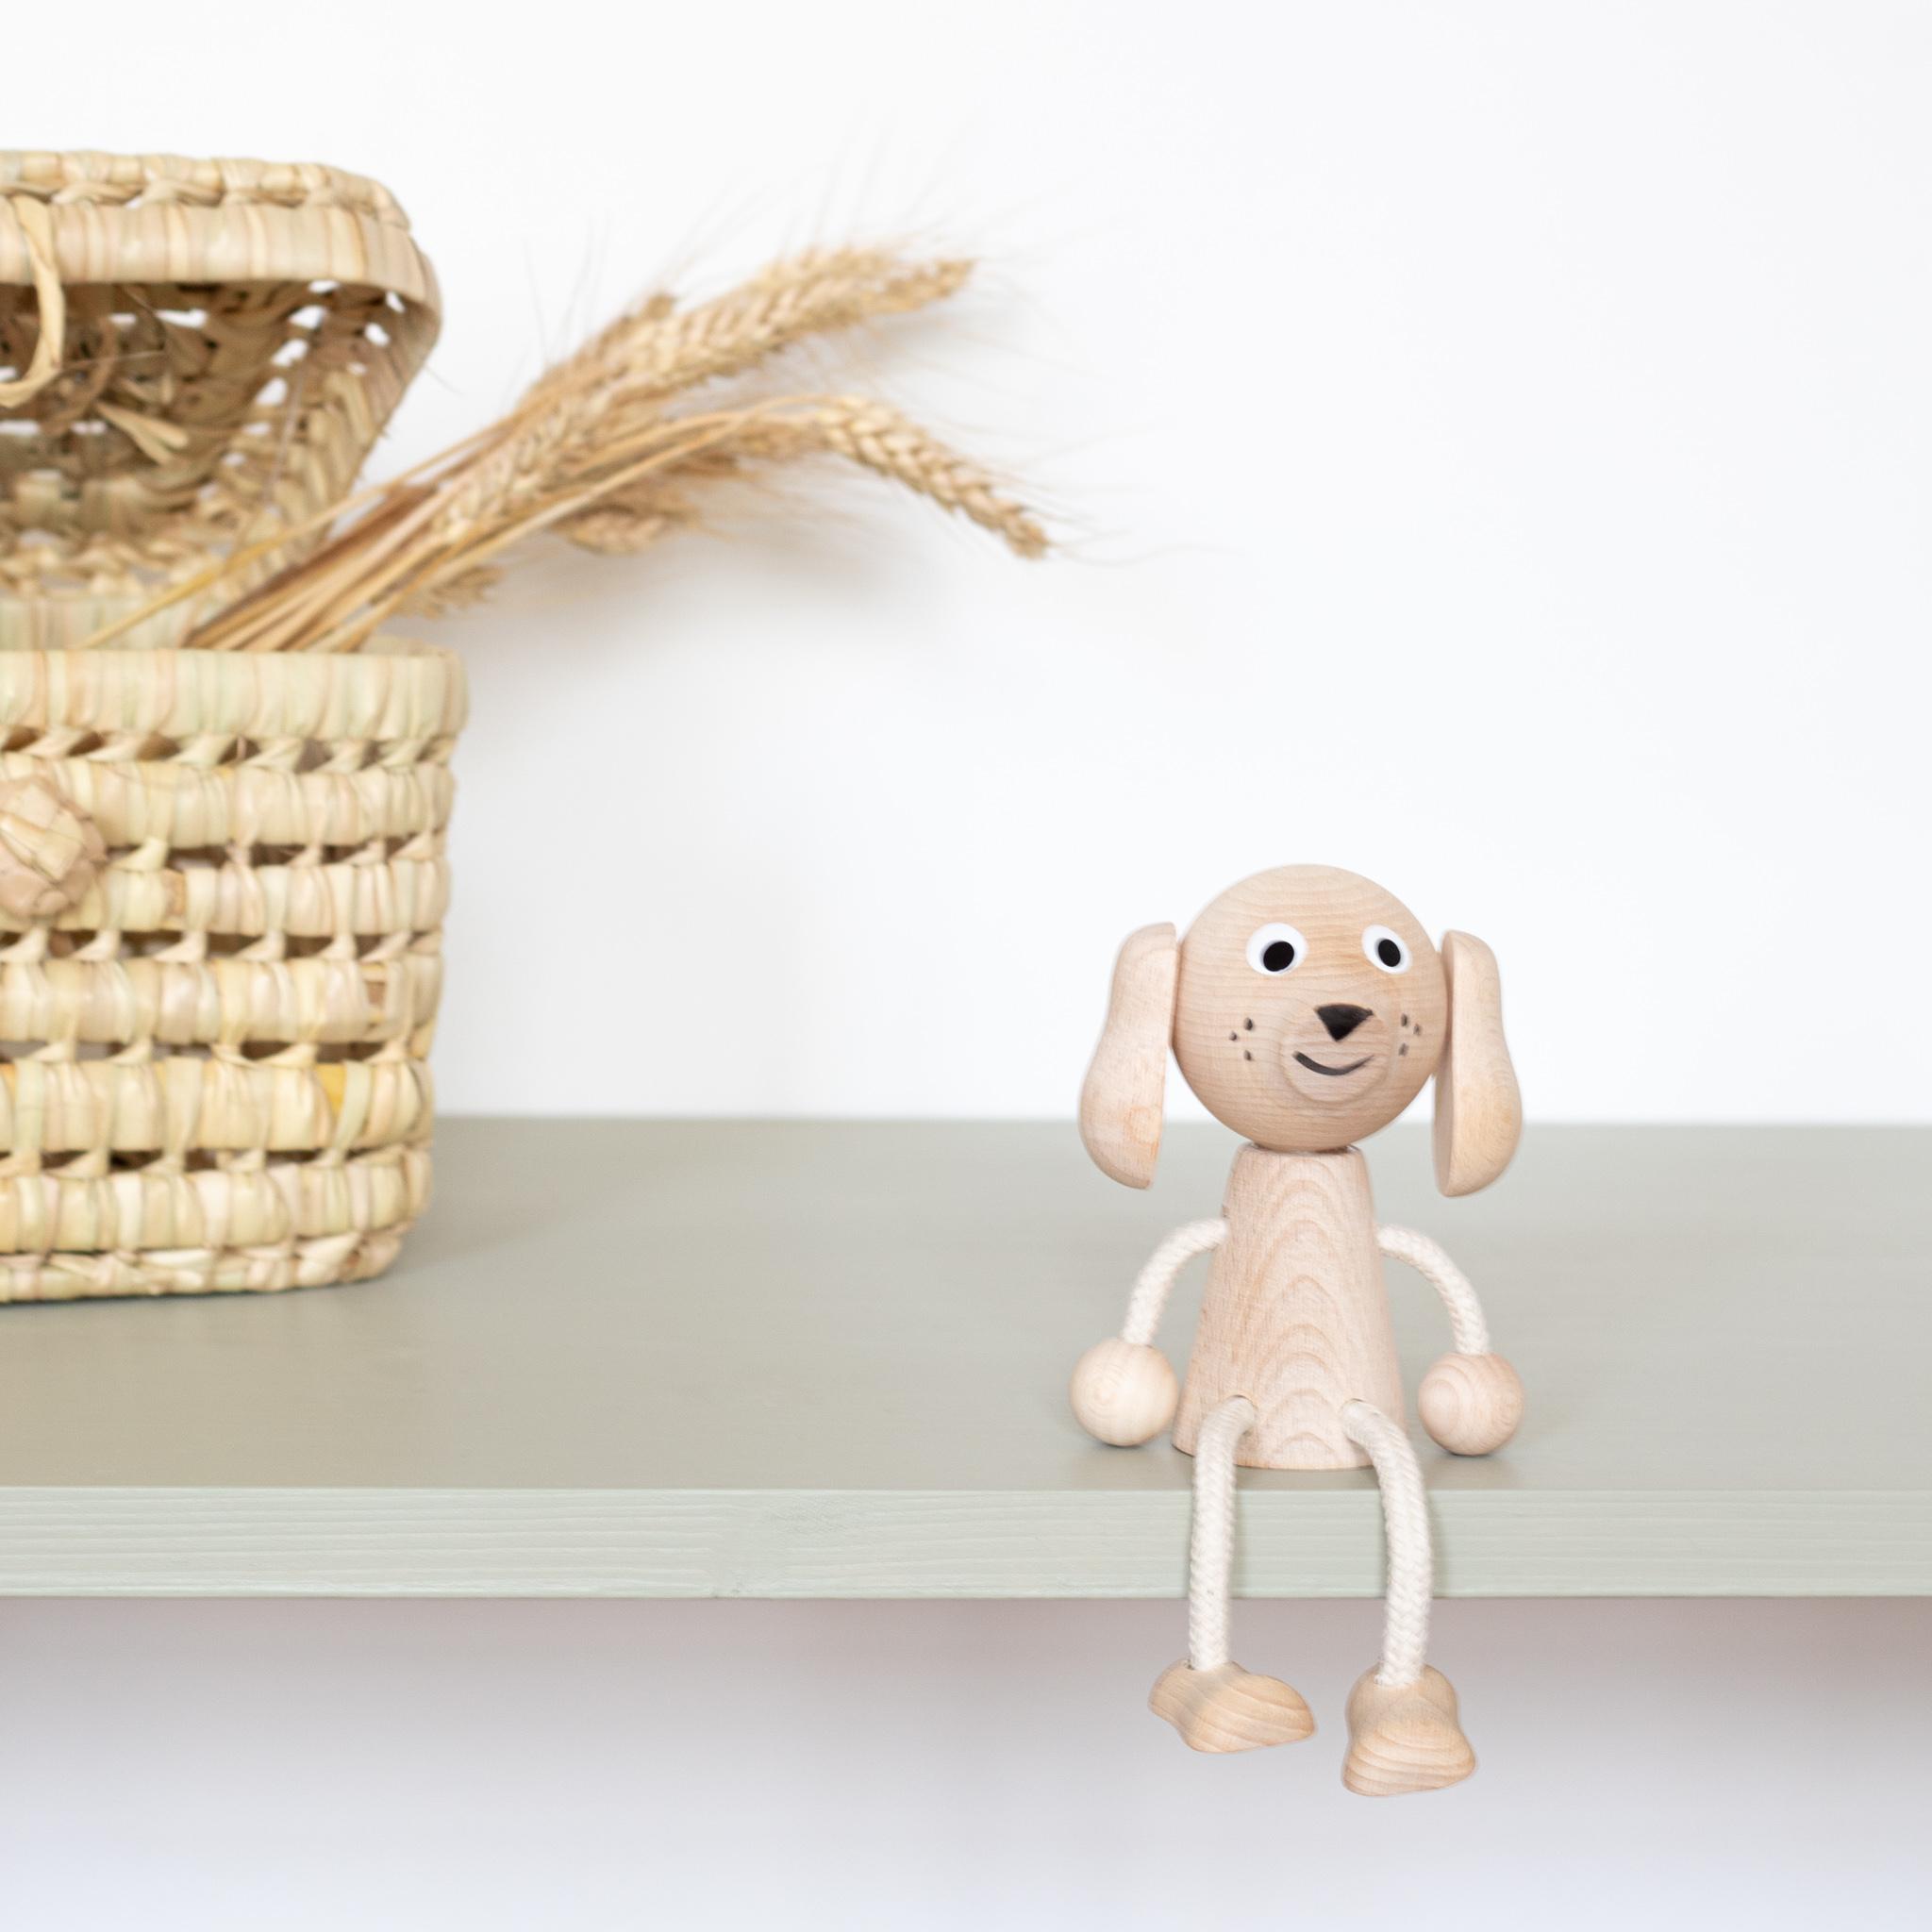 Chien jouet en bois pour enfant, vendu par Trendy Little